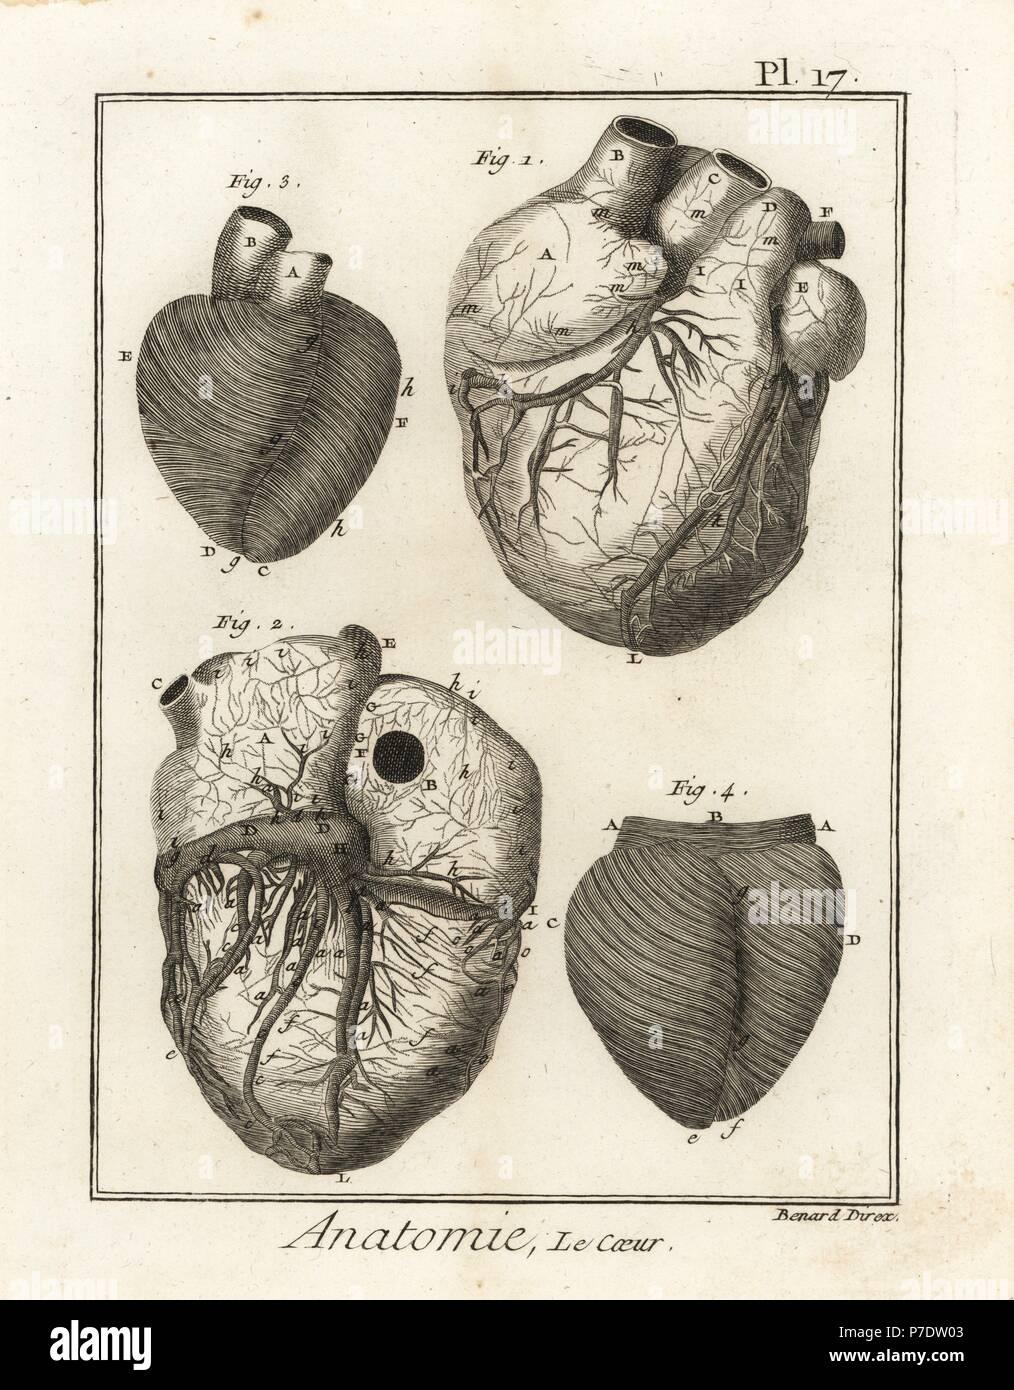 Schön Osteomeatal Komplexe Anatomie Fotos - Anatomie Von ...